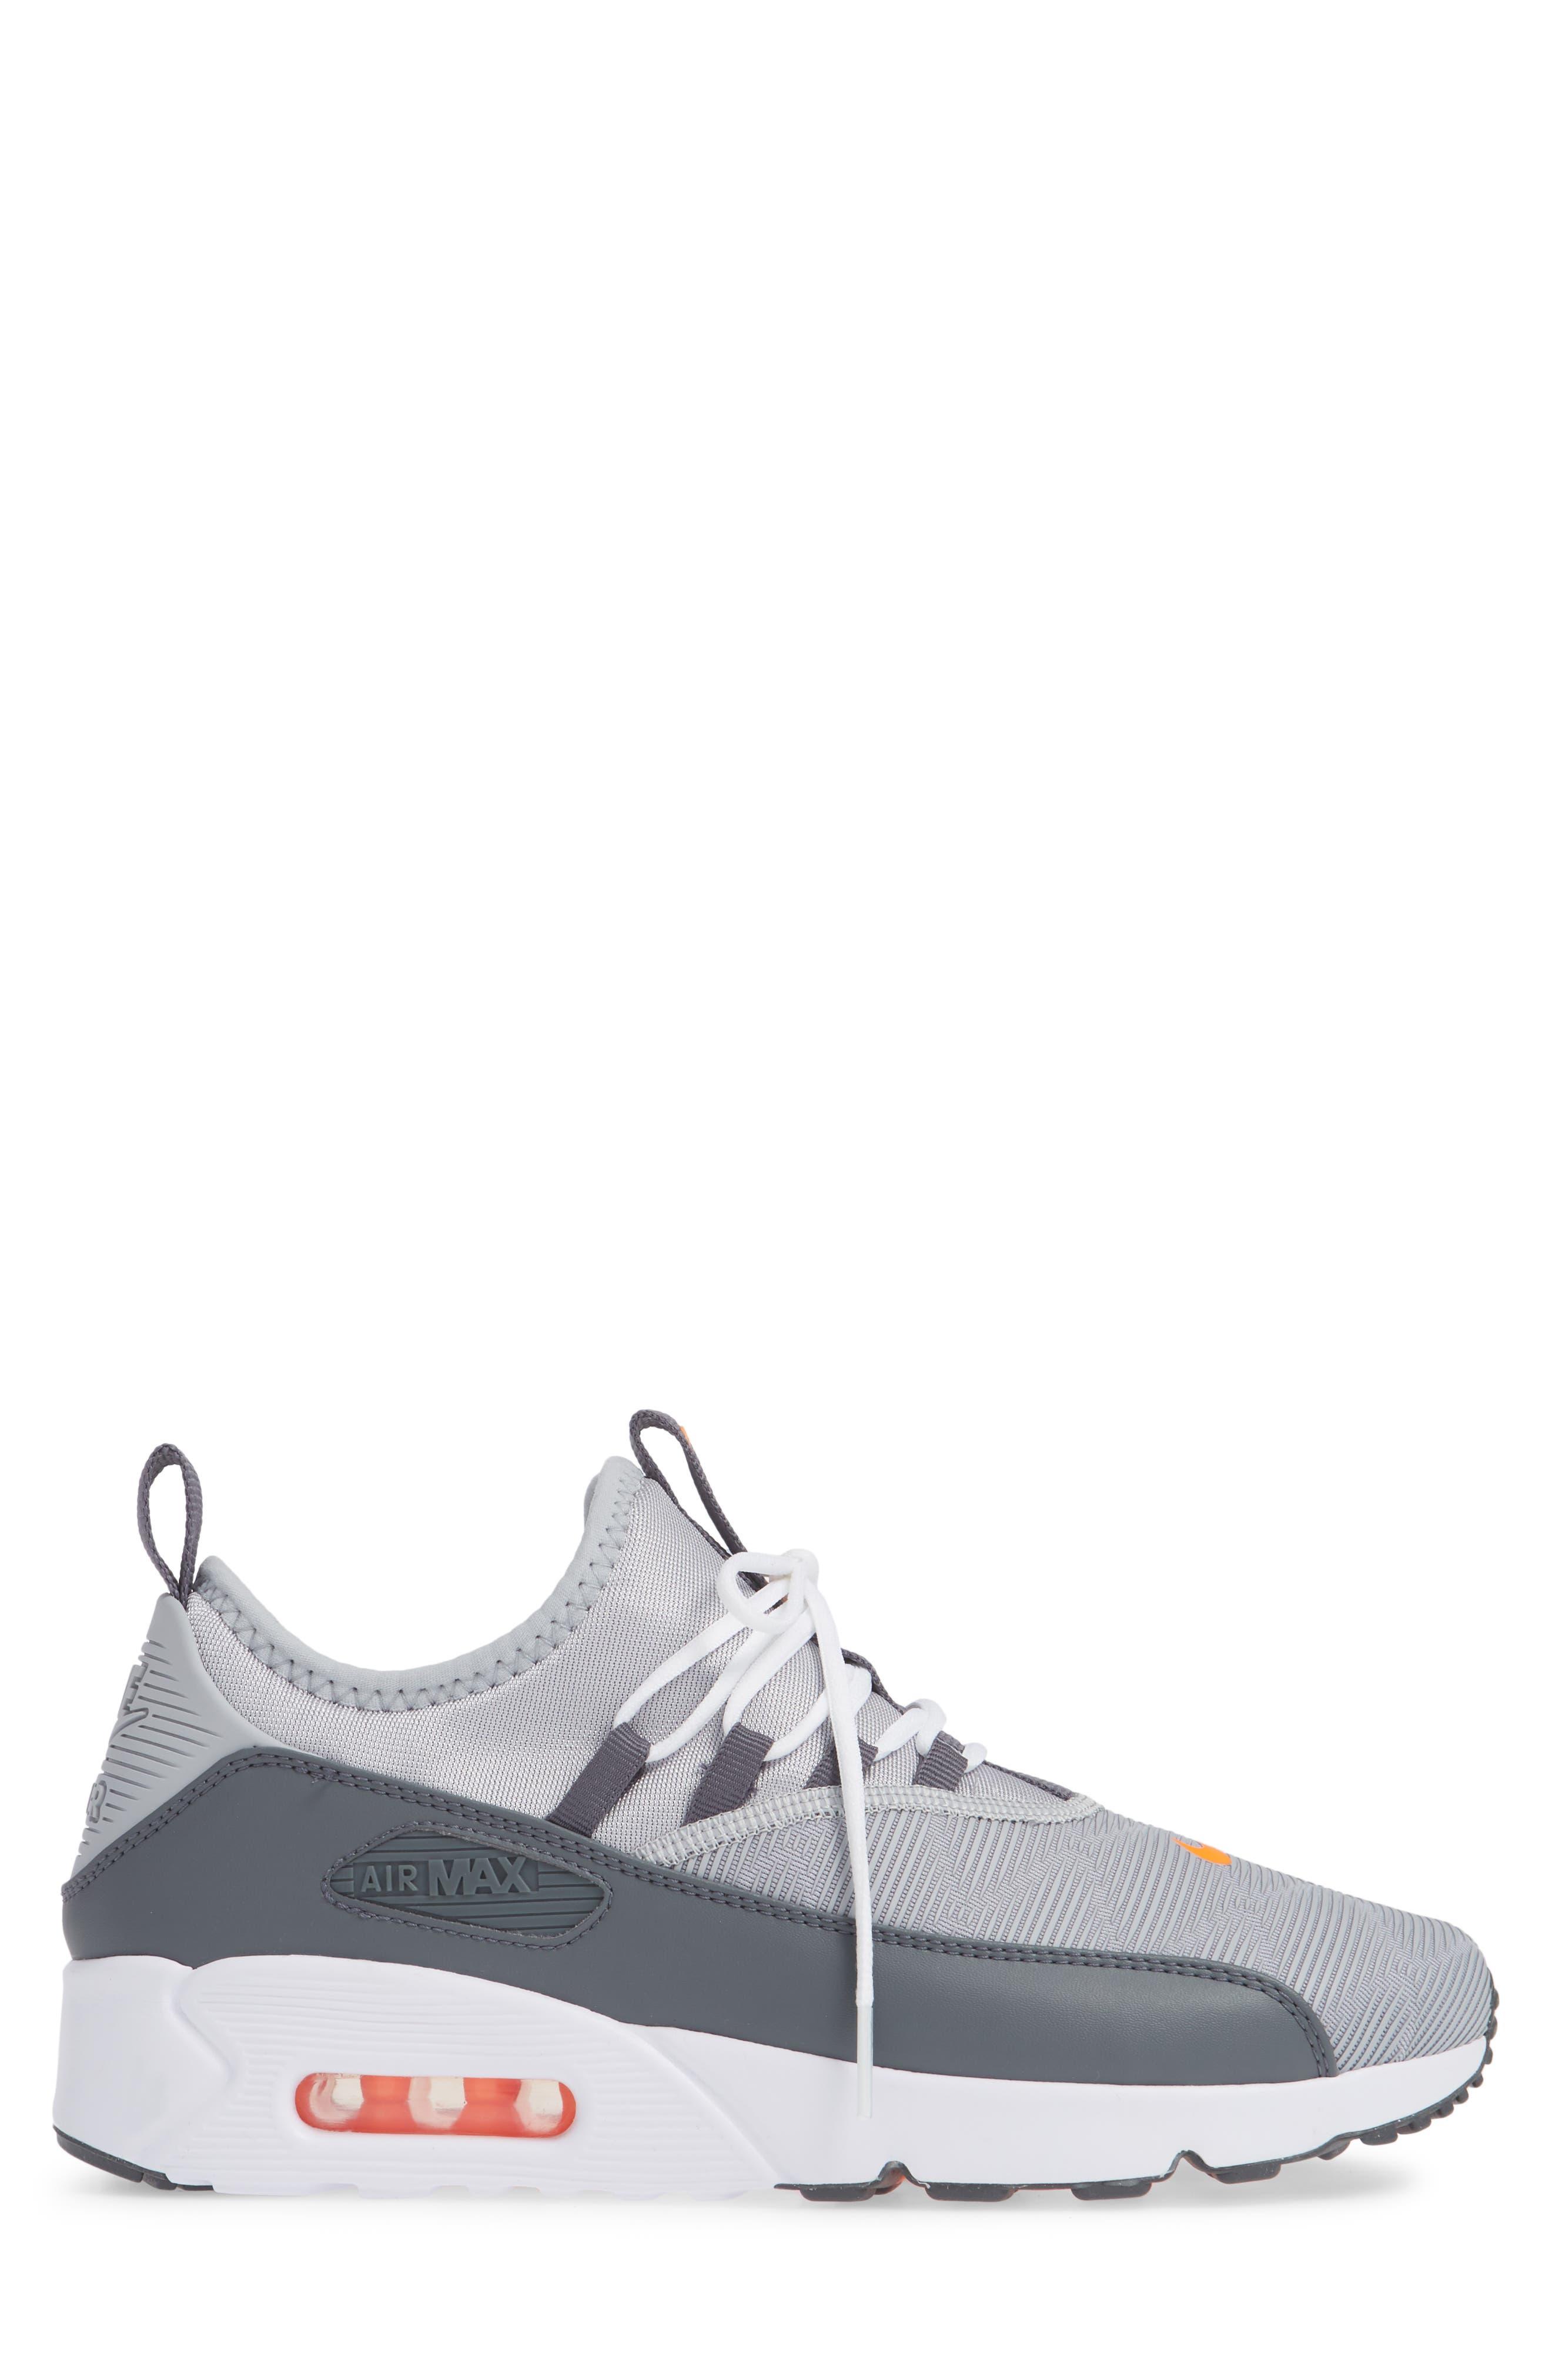 Air Max 90 EZ Sneaker,                             Alternate thumbnail 3, color,                             021